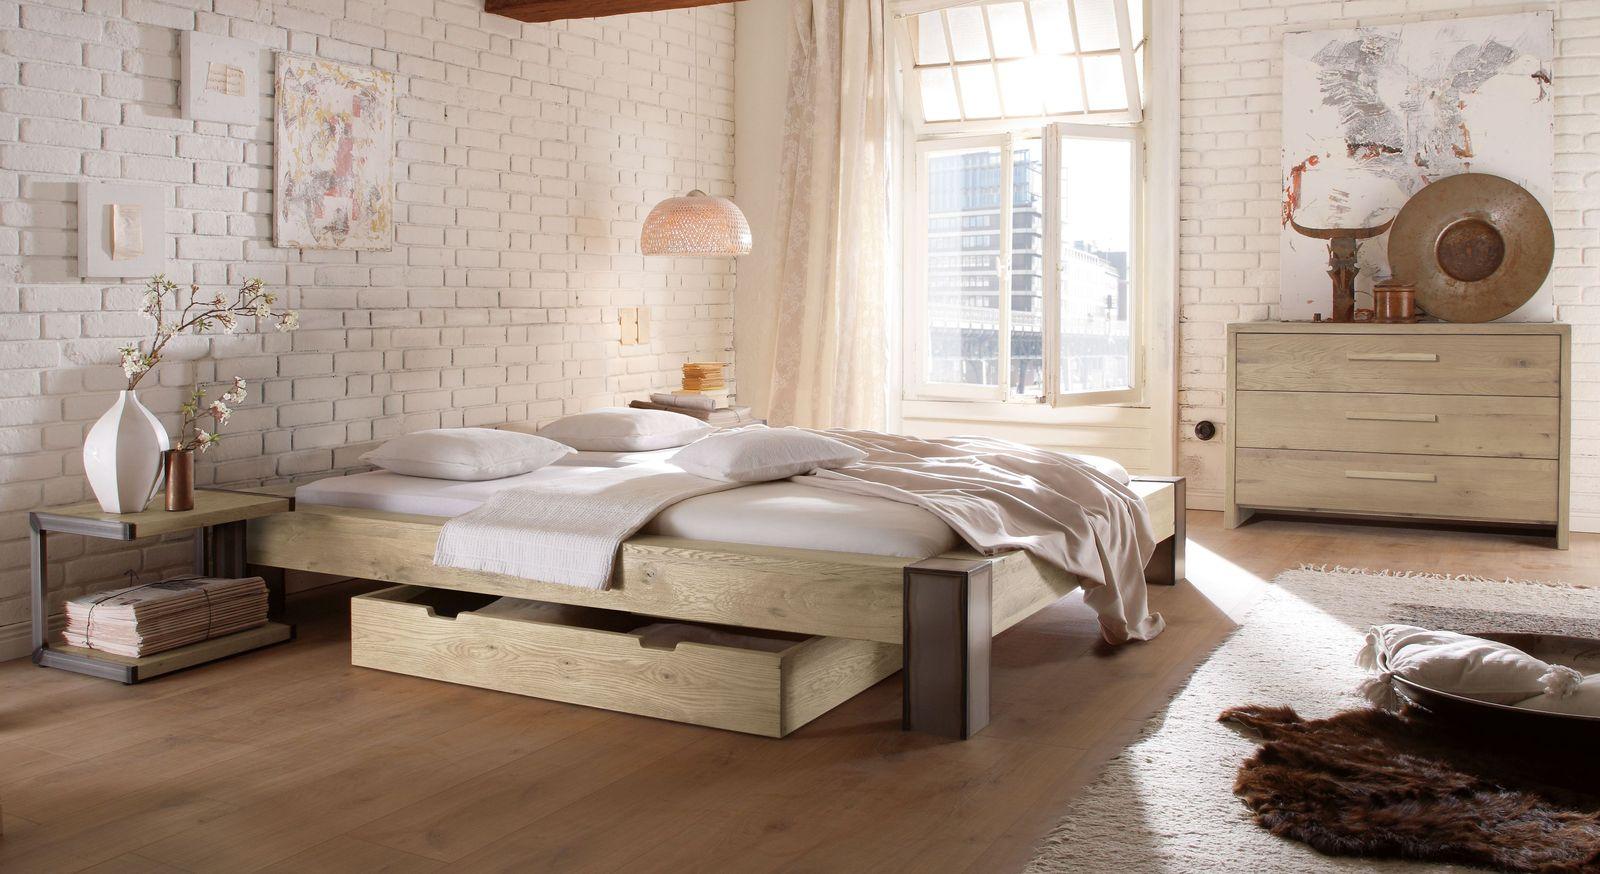 Liege Mallero mit passender Schlafzimmer-Einrichtung